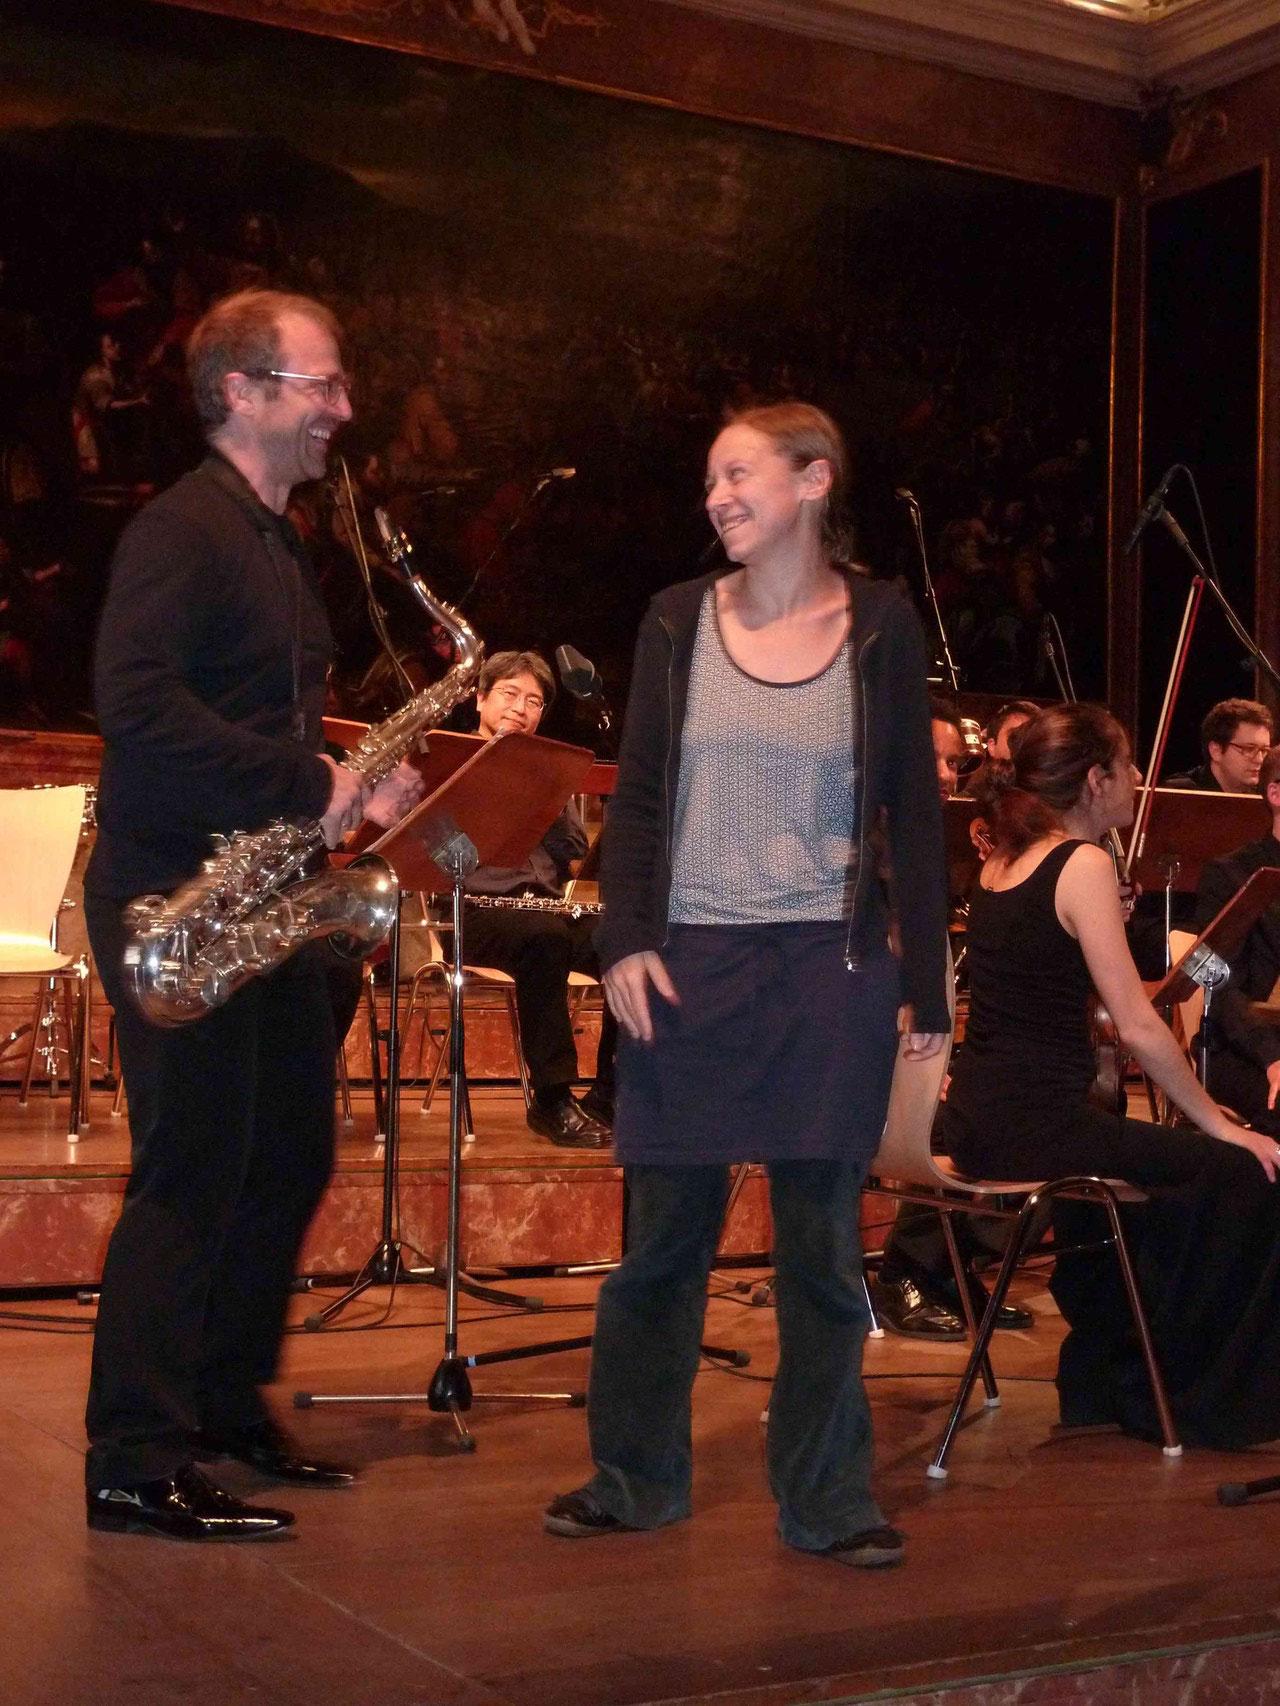 Clemens Frühstück, Joanna Wozny